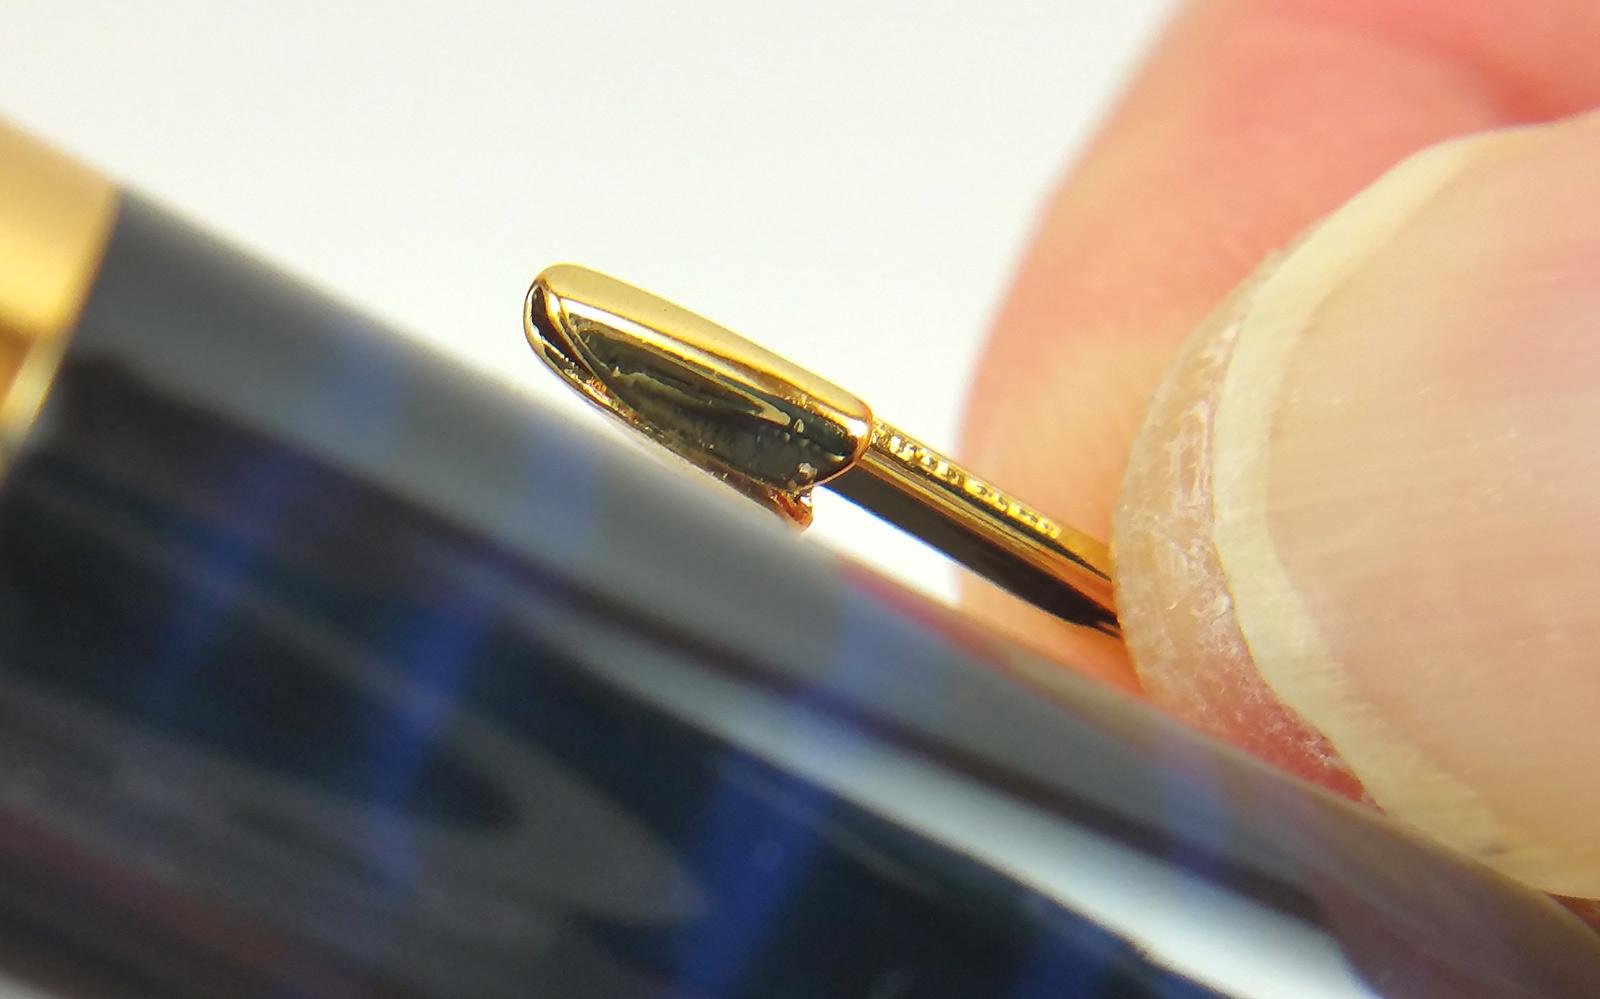 Baoer 388 Fountain Pen Clip Seam